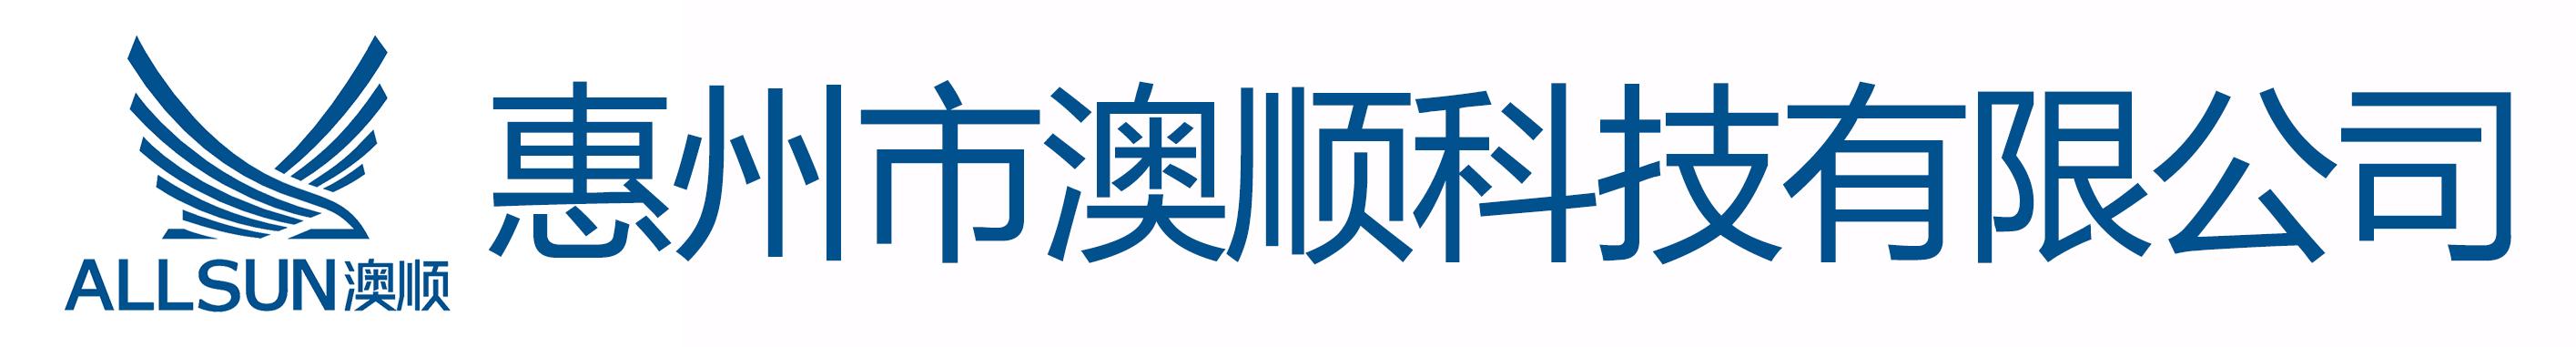 惠州市澳順科技有限公司